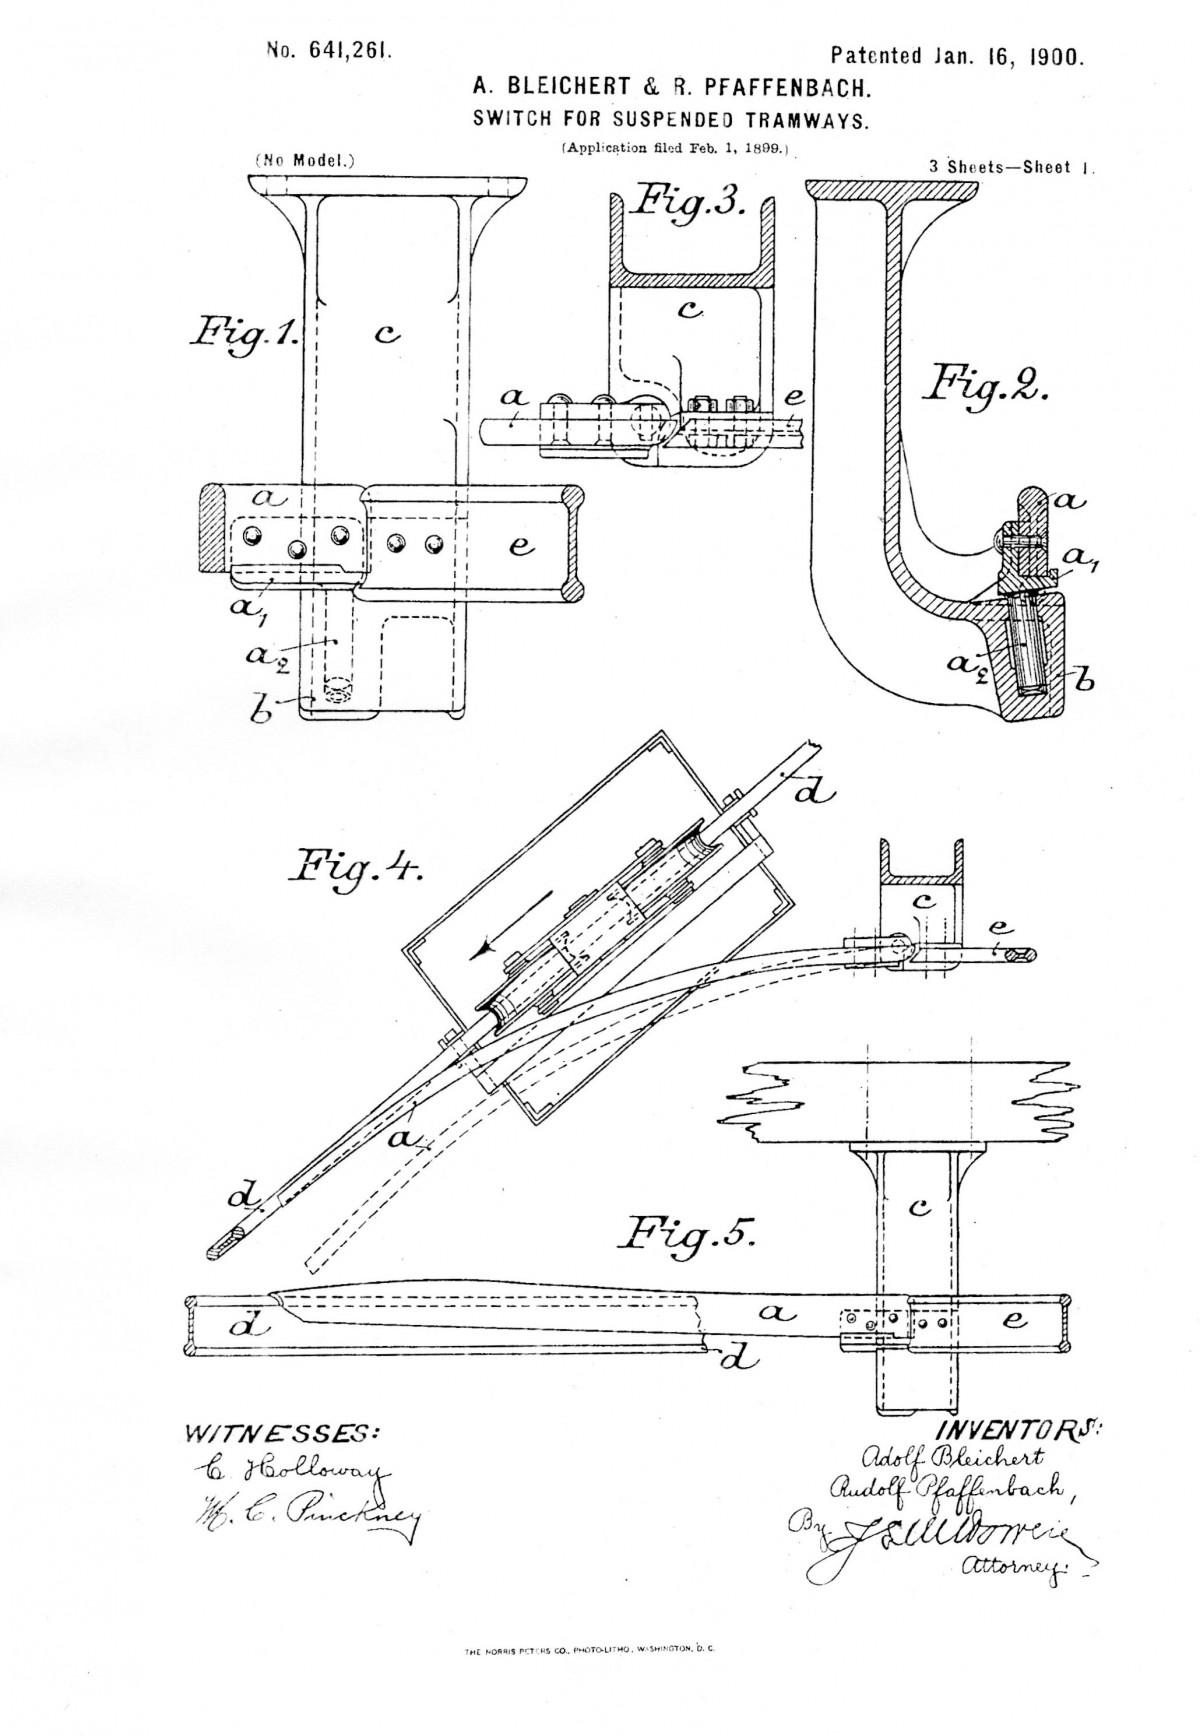 Bleichert Patent USA 1900